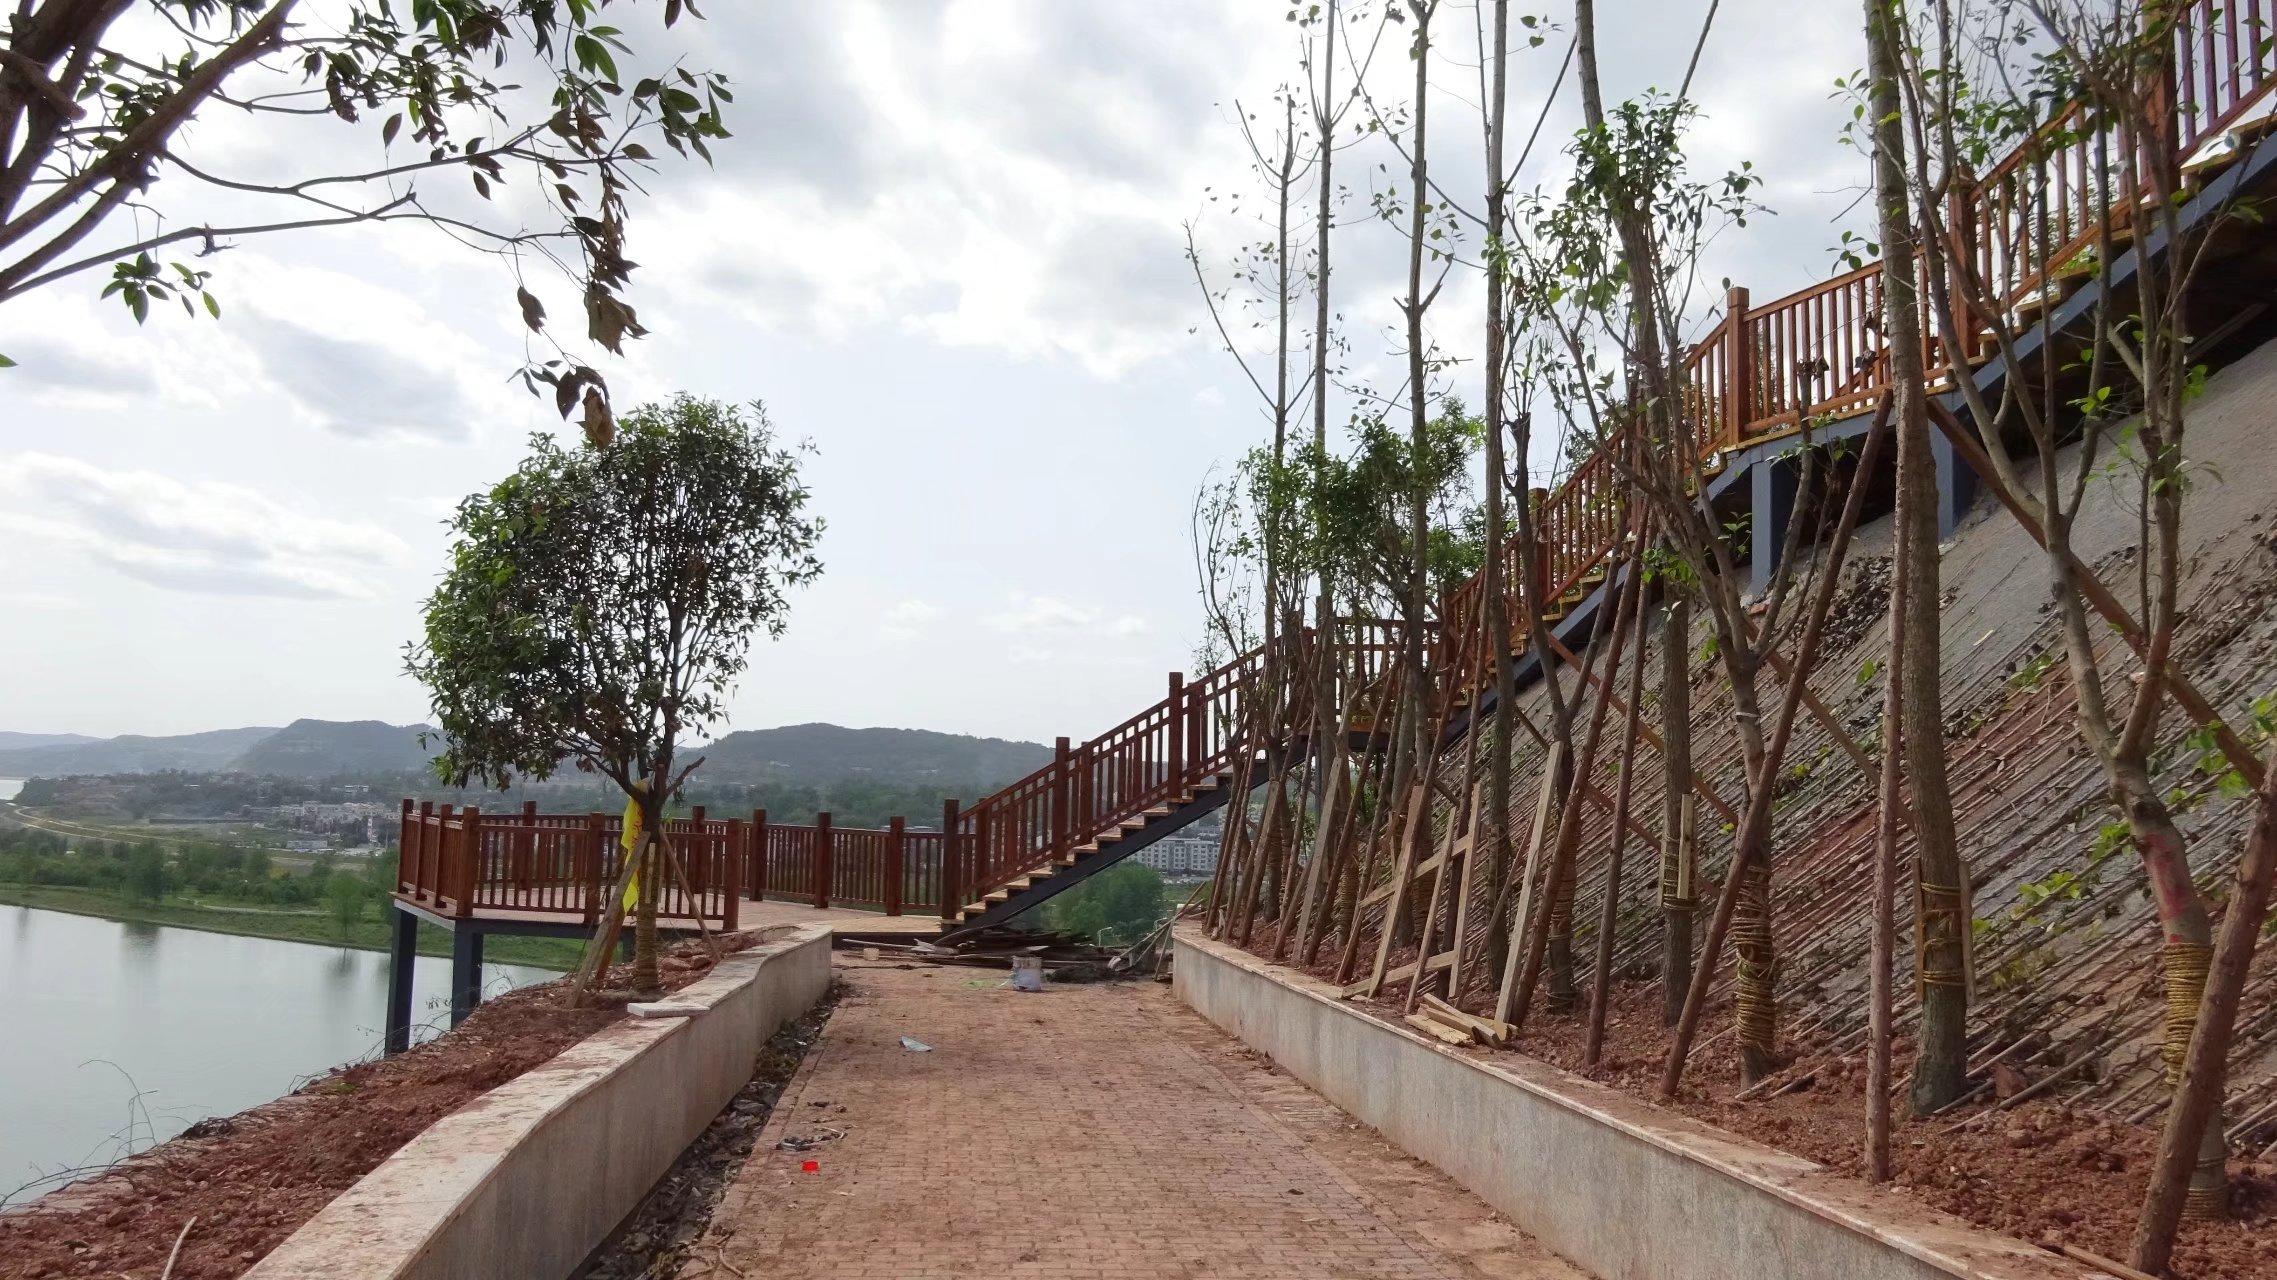 蓬安桑梓火锅公园施工进度(2018-05-10) - 第18张    蓬安在线